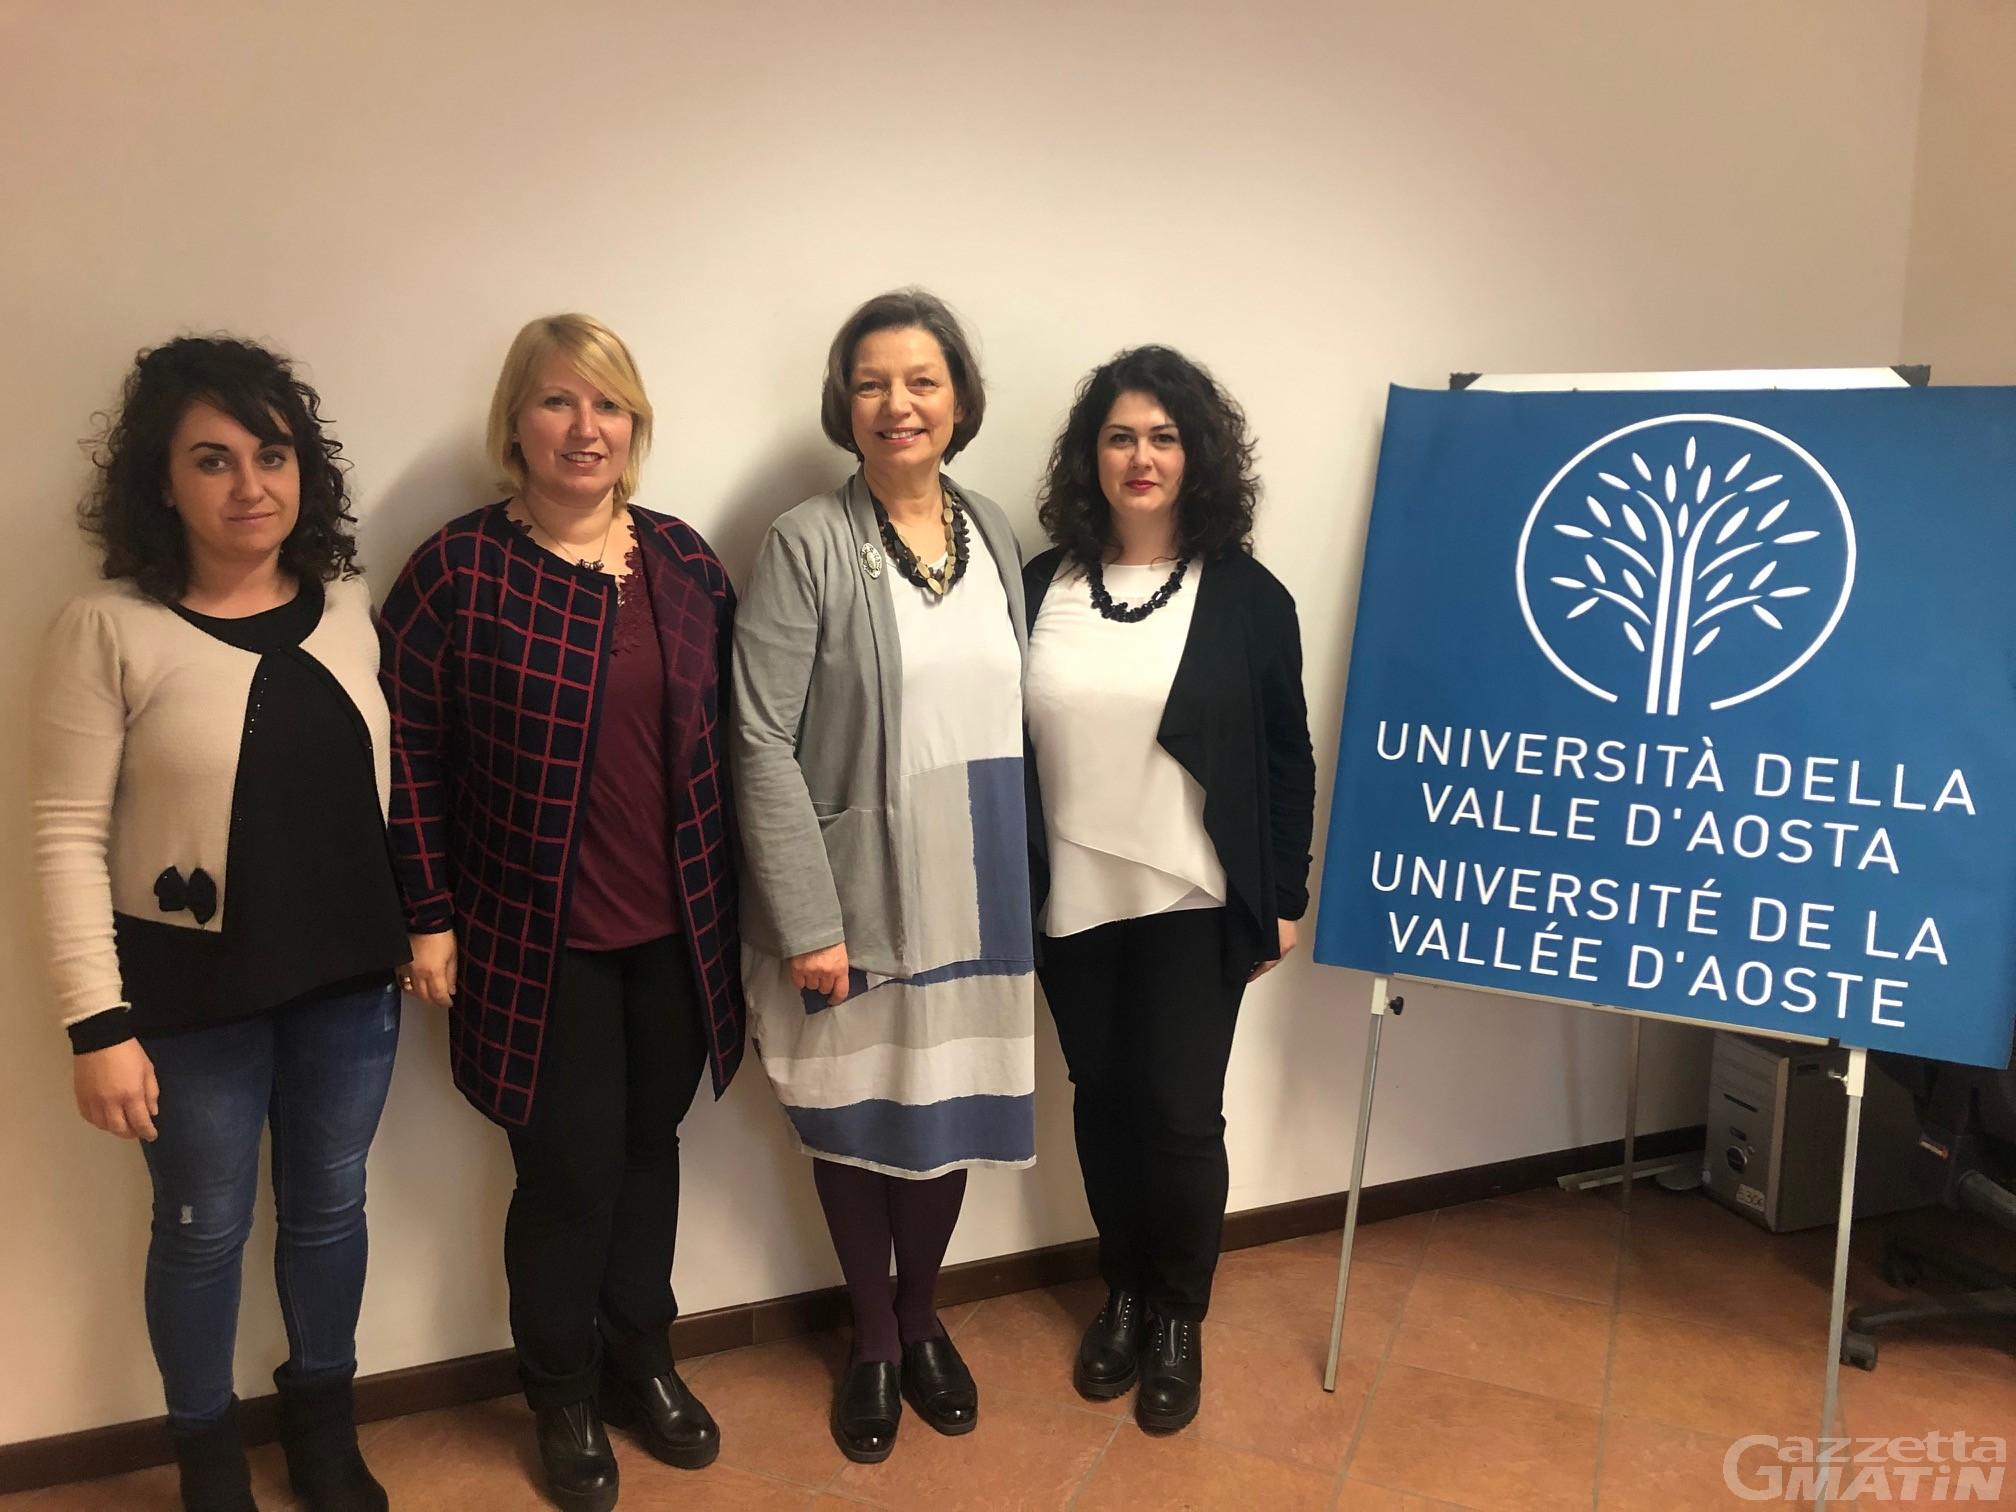 UniVdA celebra i 30 anni della Dichiarazione Onu sui diritti dell'infanzia e adolescenza